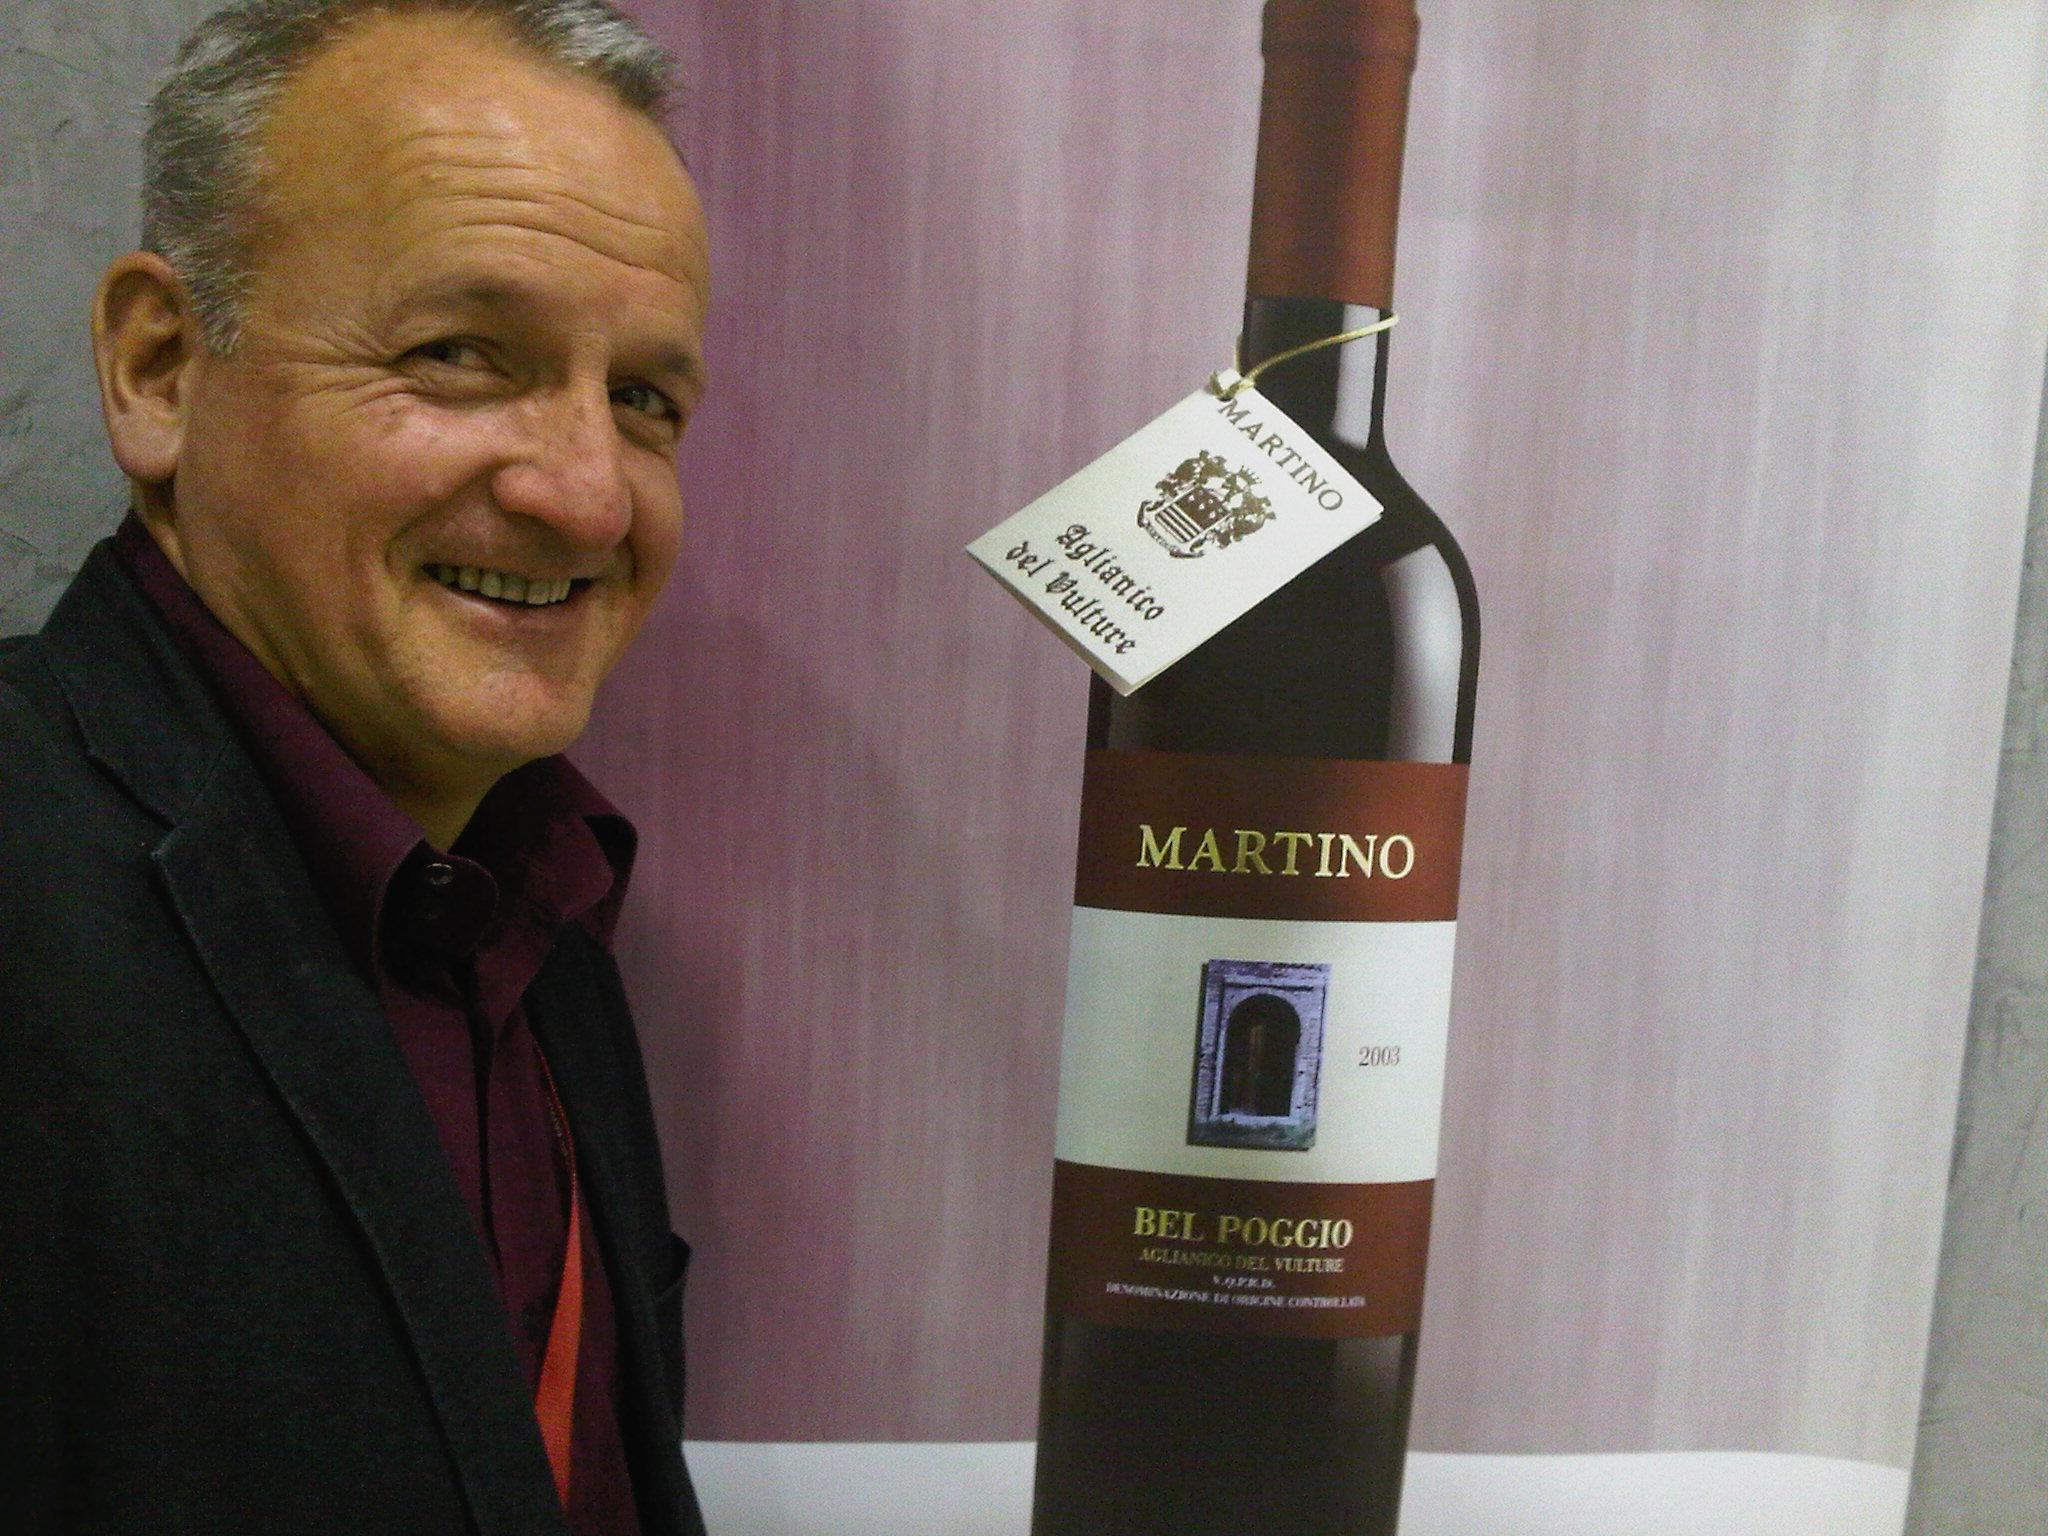 martino-wines.jpg